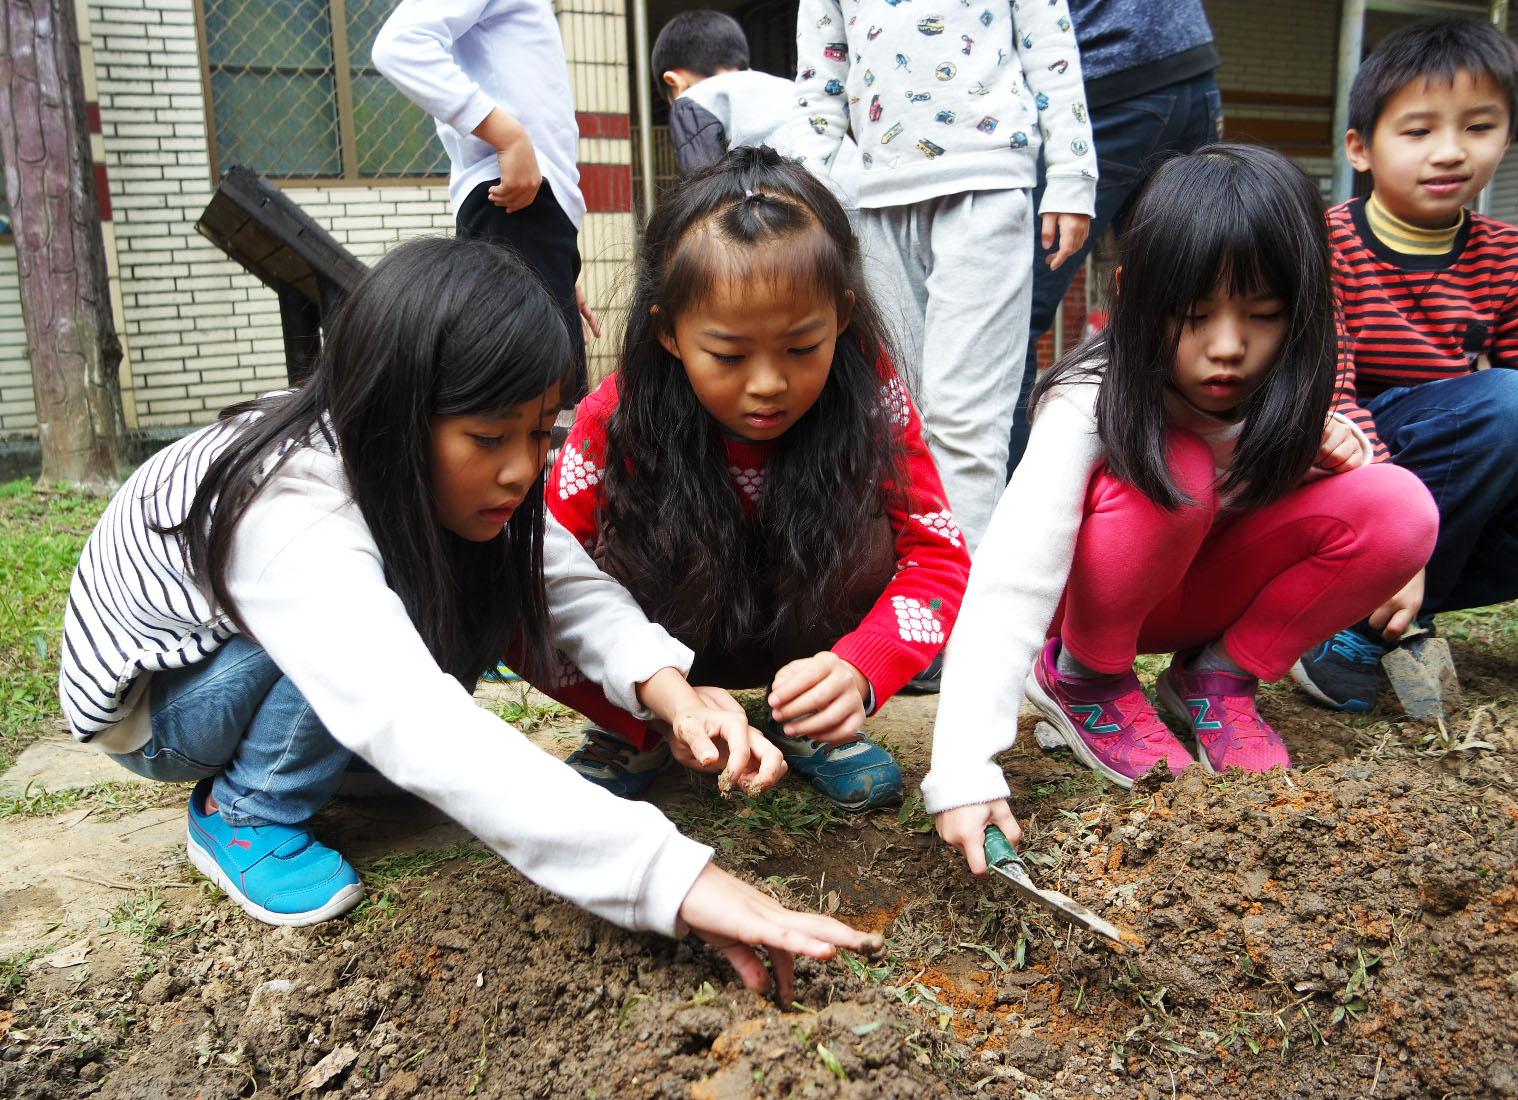 直潭國小為森林小學,提供學生更多親近大自然的機會。攝影/劉品彣